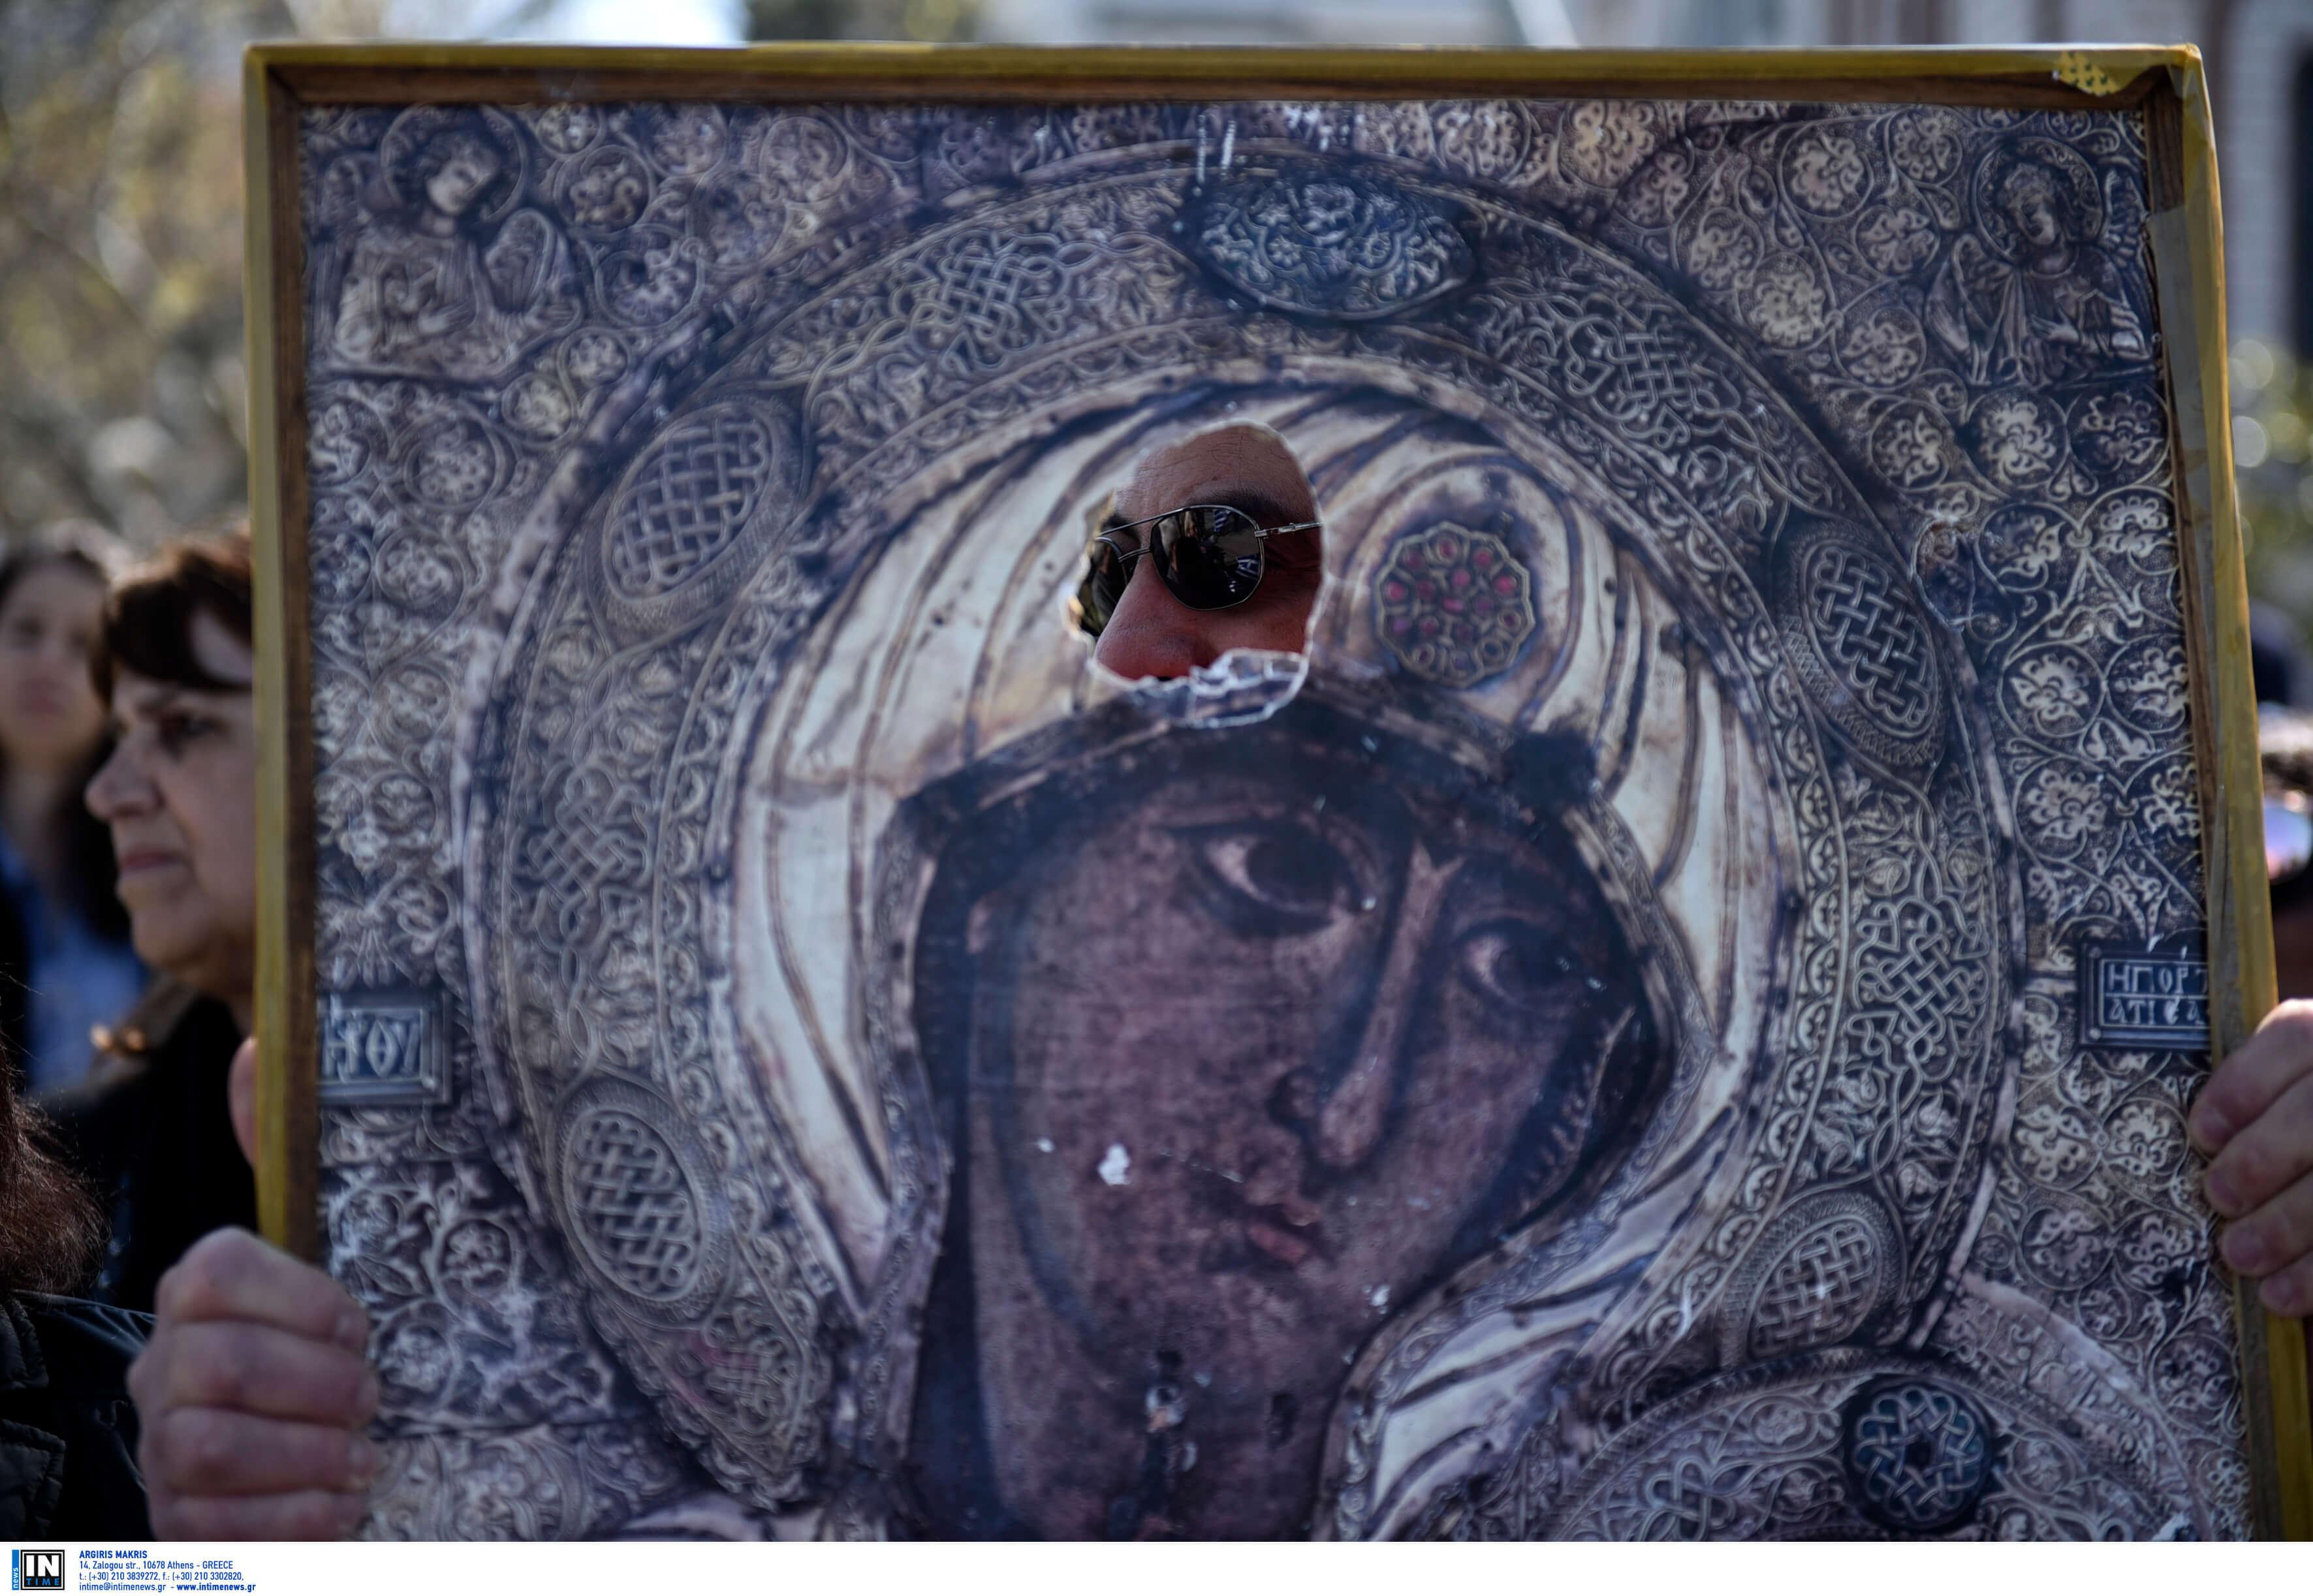 Θεσσαλονίκη: Λύθηκε το μυστήριο με την εικόνα της Παναγίας που βρέθηκε άθικτη μετά από φωτιά!